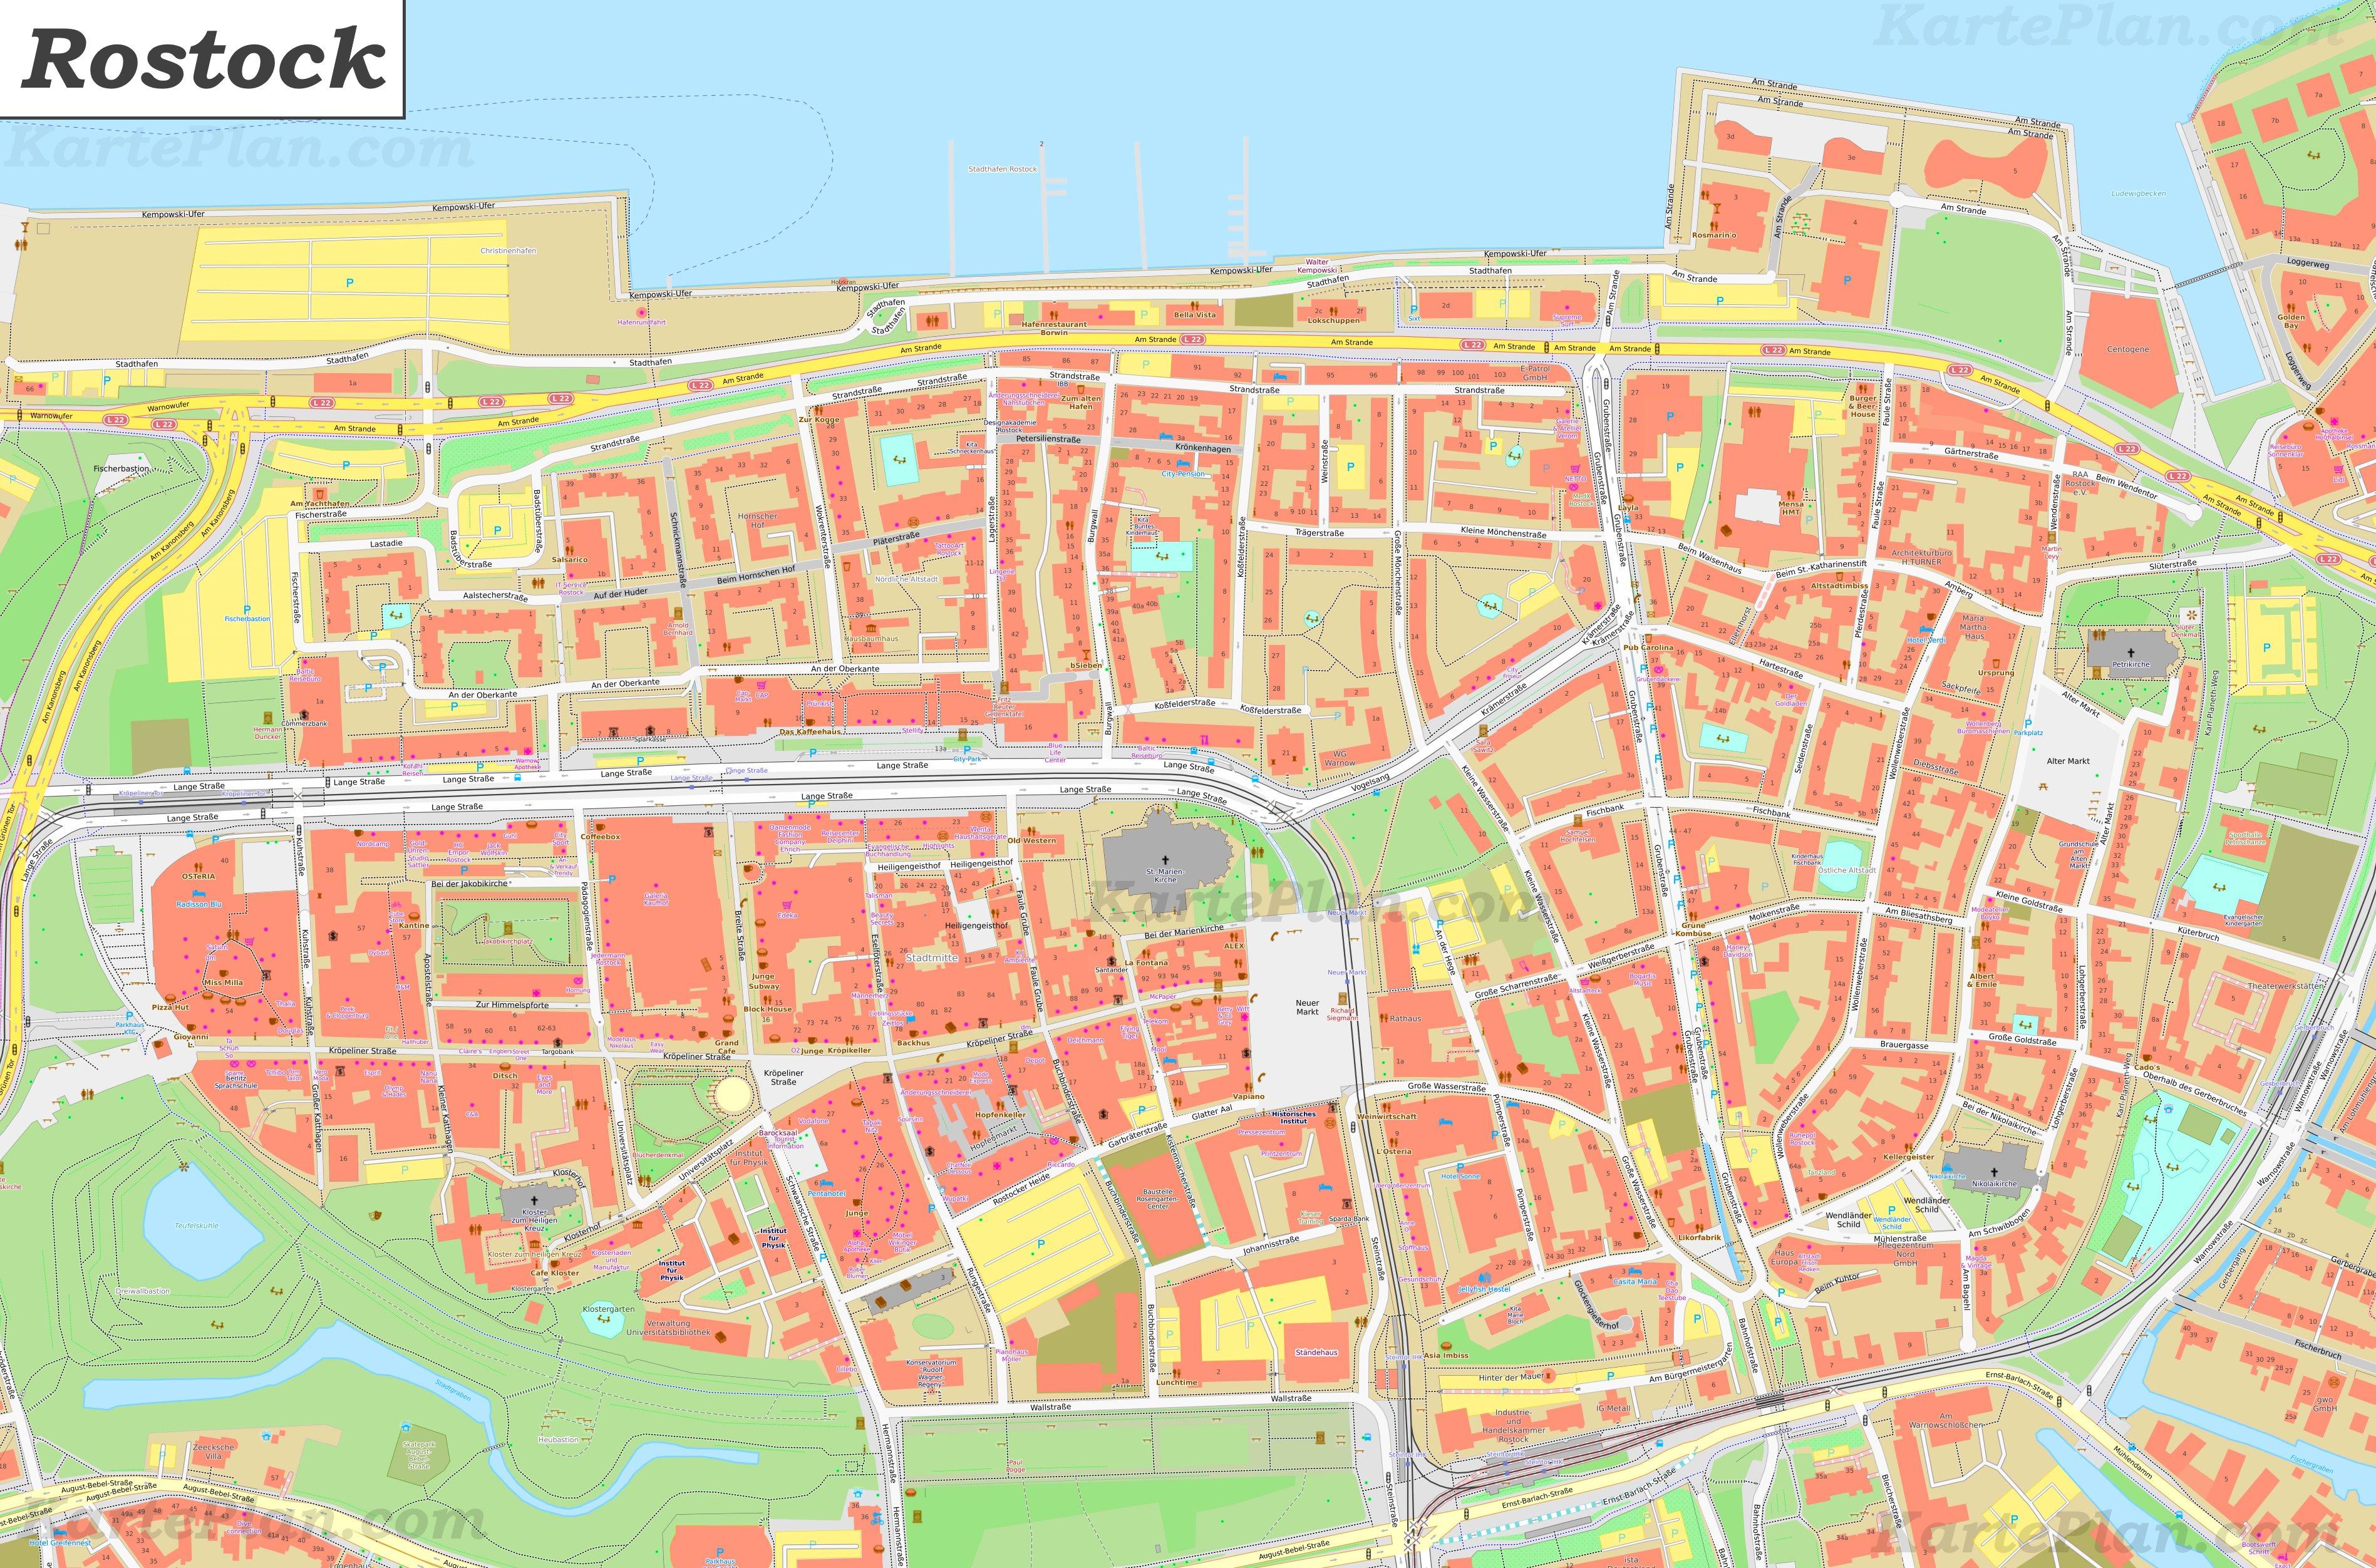 Karte Von Altstadt Rostock